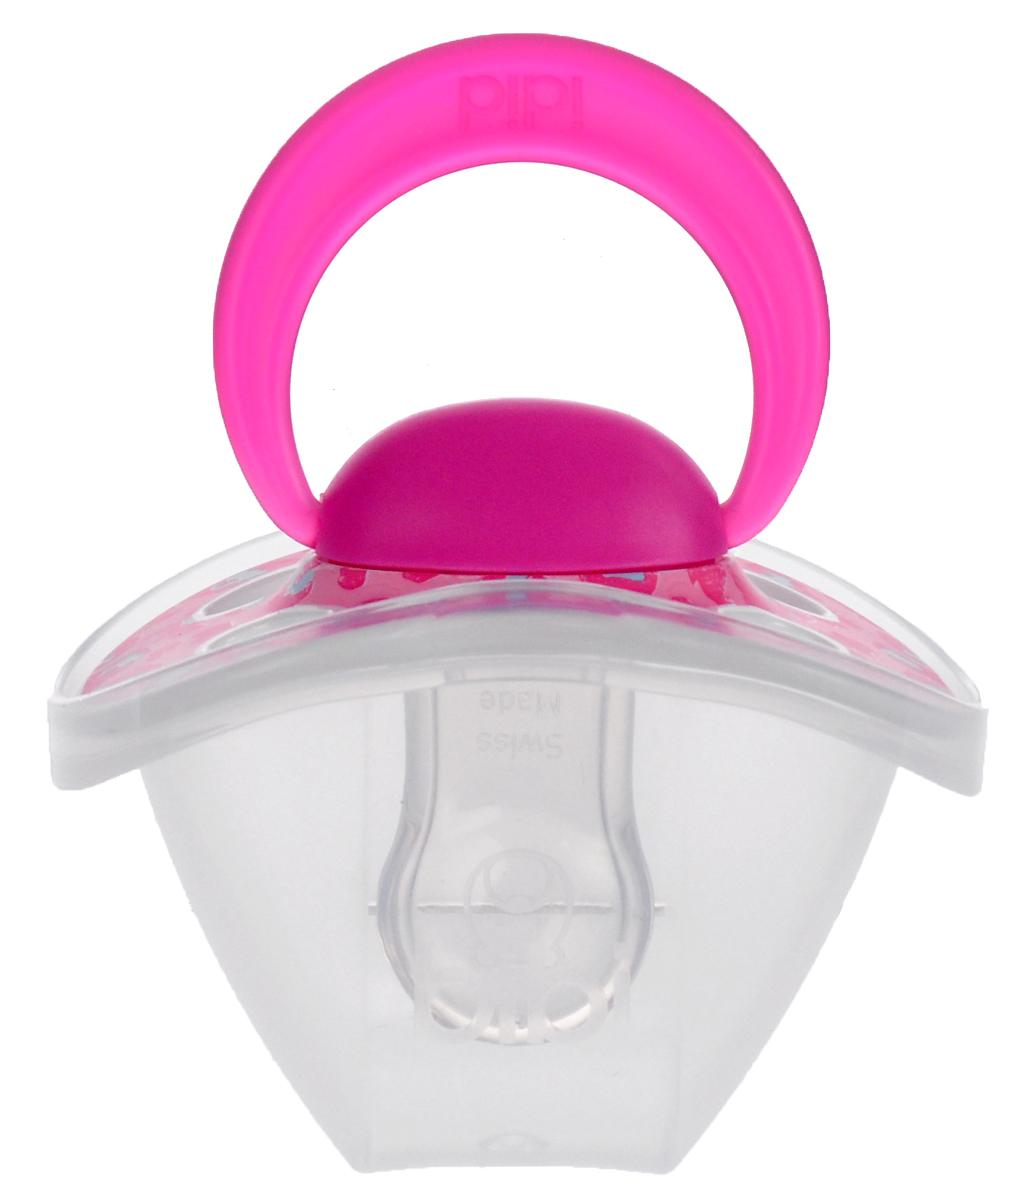 Bibi Пустышка силиконовая Happiness Ring Wild Baby от 0 до 6 месяцев цвет розовый